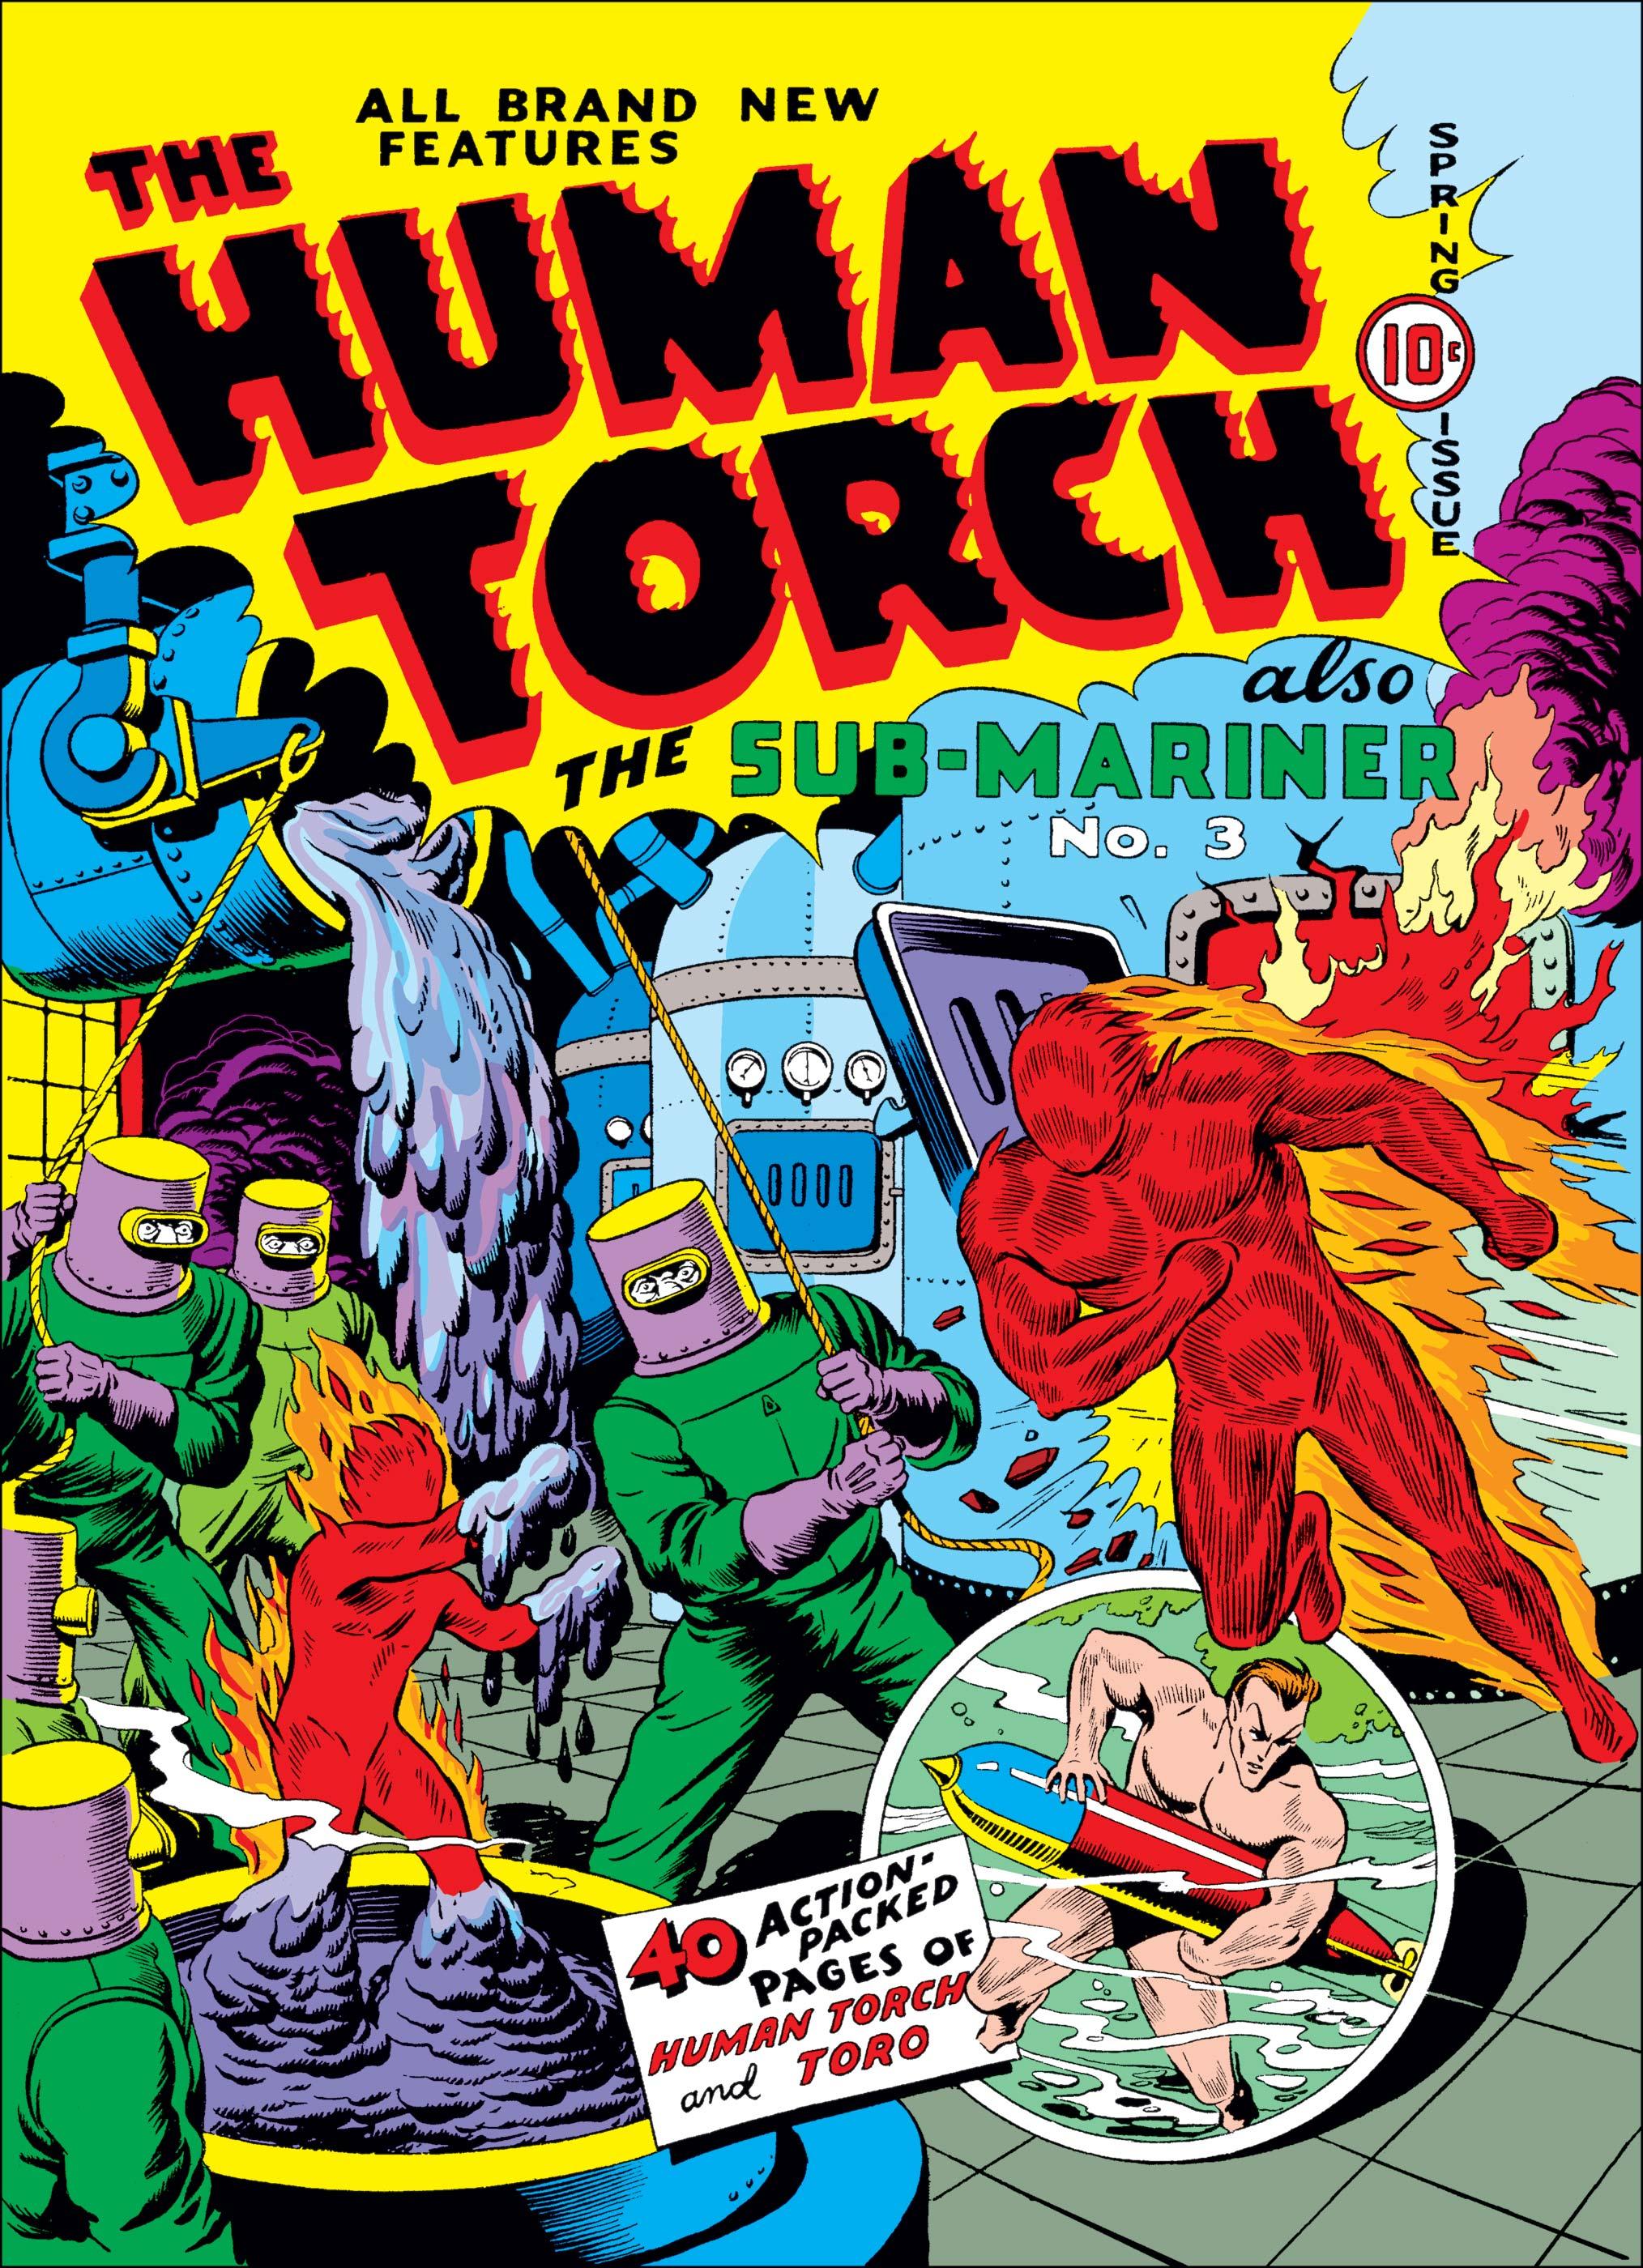 Human Torch Comics (1940) #4